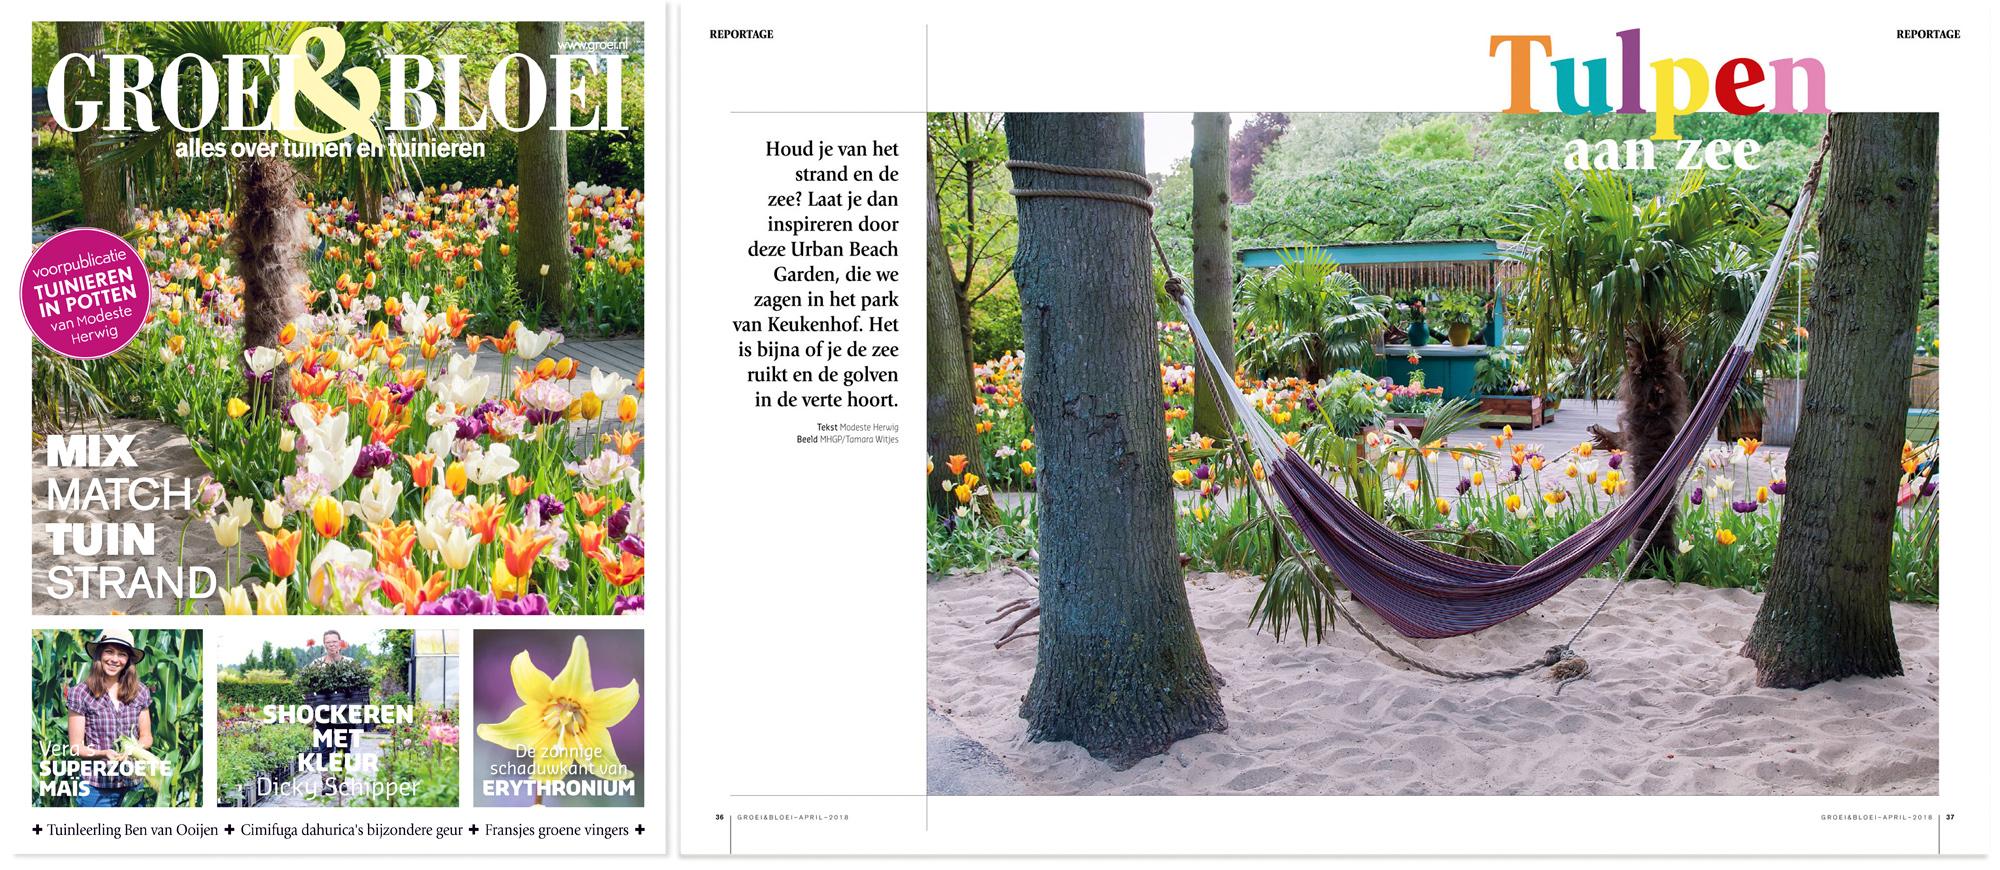 Urban_Beach_Garden_Groei&Bloei